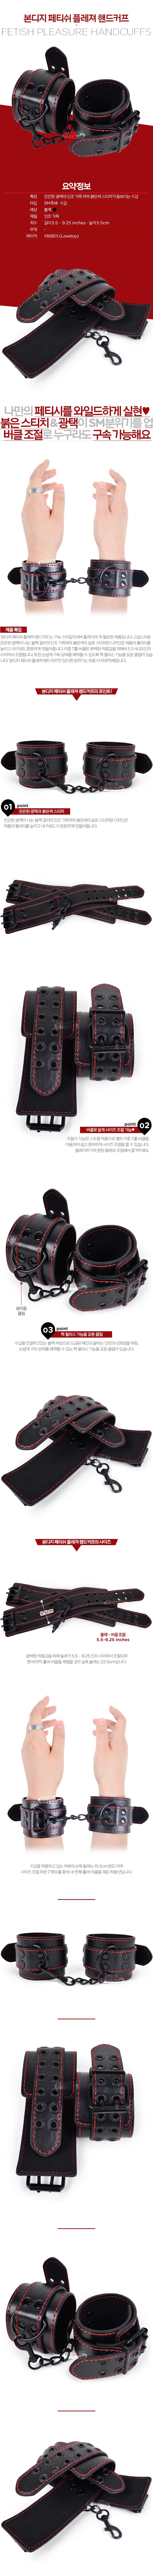 [7단계 조절 수갑] 본디지 페티쉬 플레져 핸드커프(Bondage Fetish Pleasure Handcuffs) - 러브토이(LV1655) (LVT)